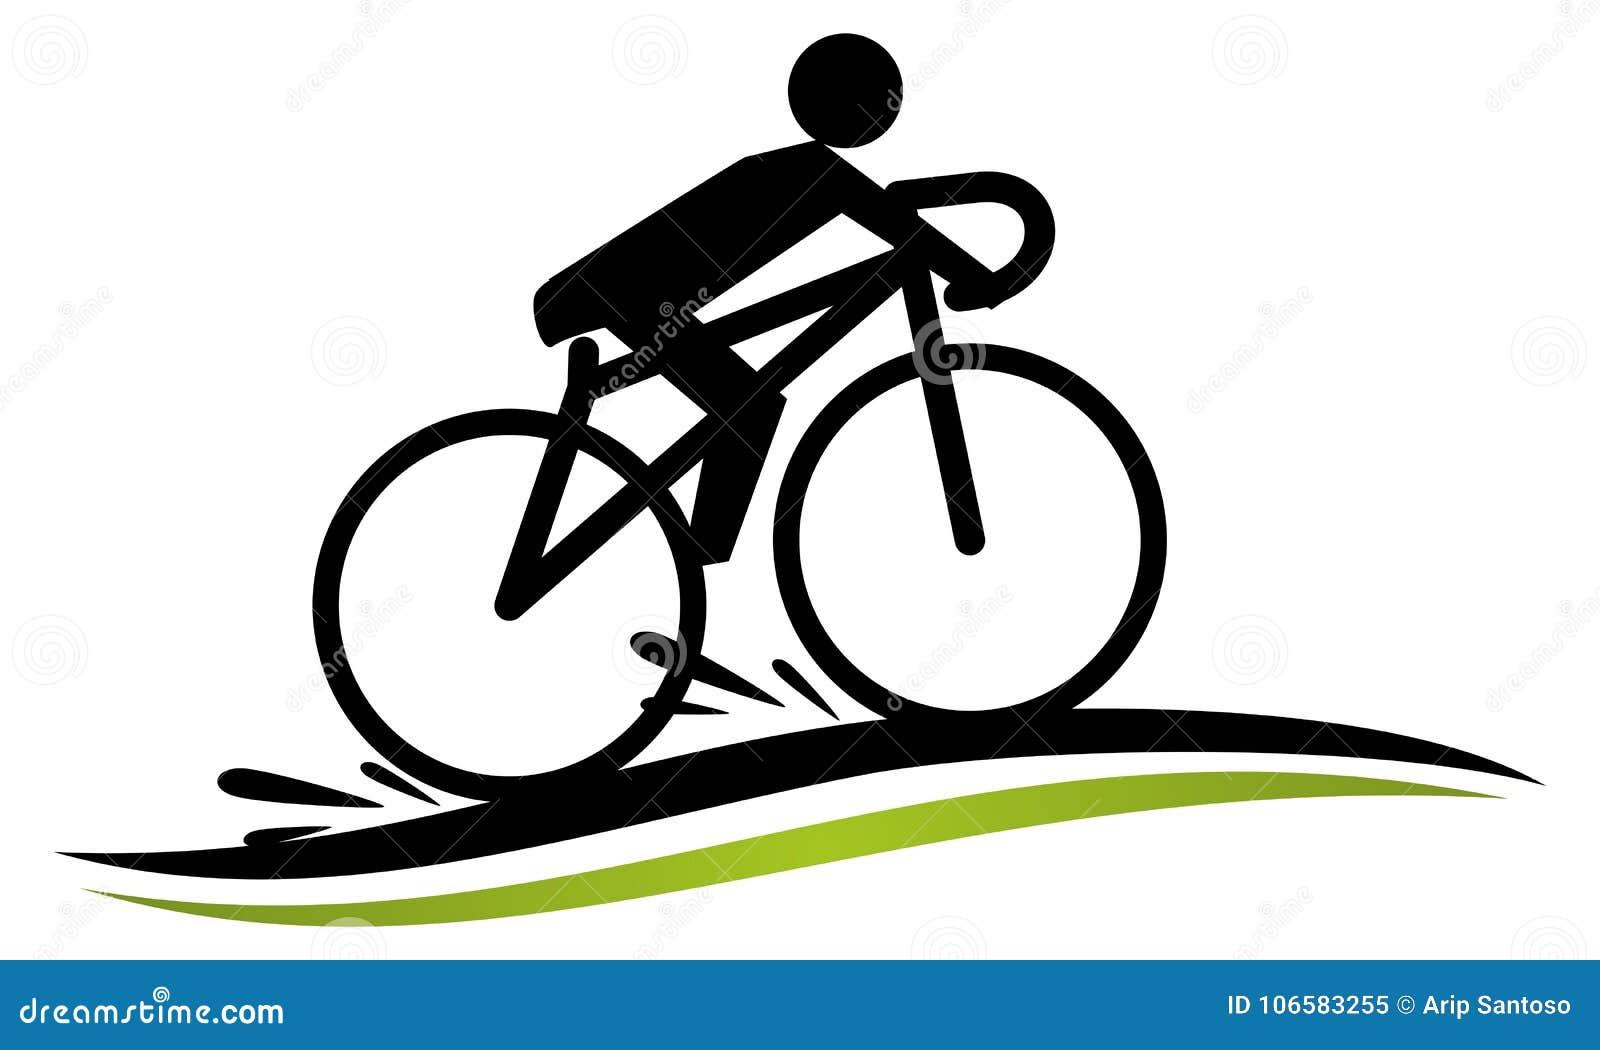 Modello Stilizzato Della Corsa Della Bici Illustrazione Vettoriale